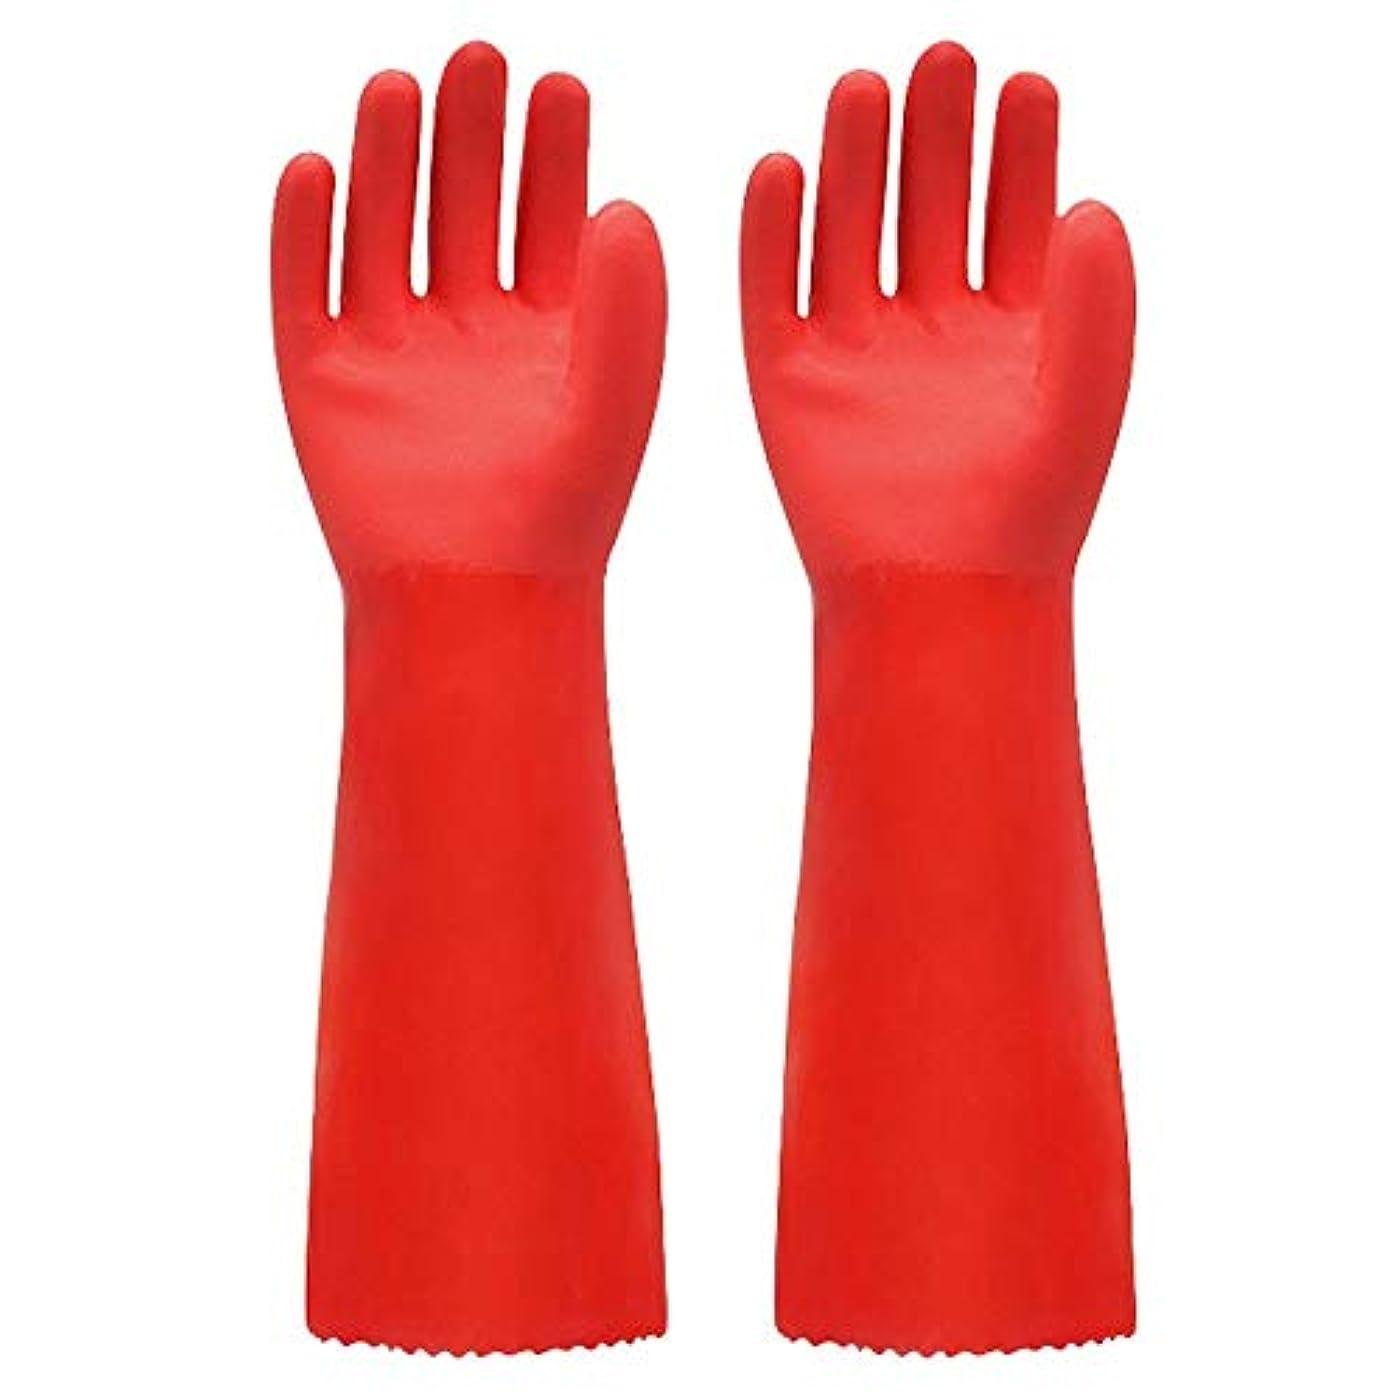 保存するトリプル違反するBTXXYJP キッチン用手袋 手袋 掃除用 ロング 耐摩耗 食器洗い 作業 炊事 食器洗い 園芸 洗車 防水 手袋 (Color : RED, Size : L)